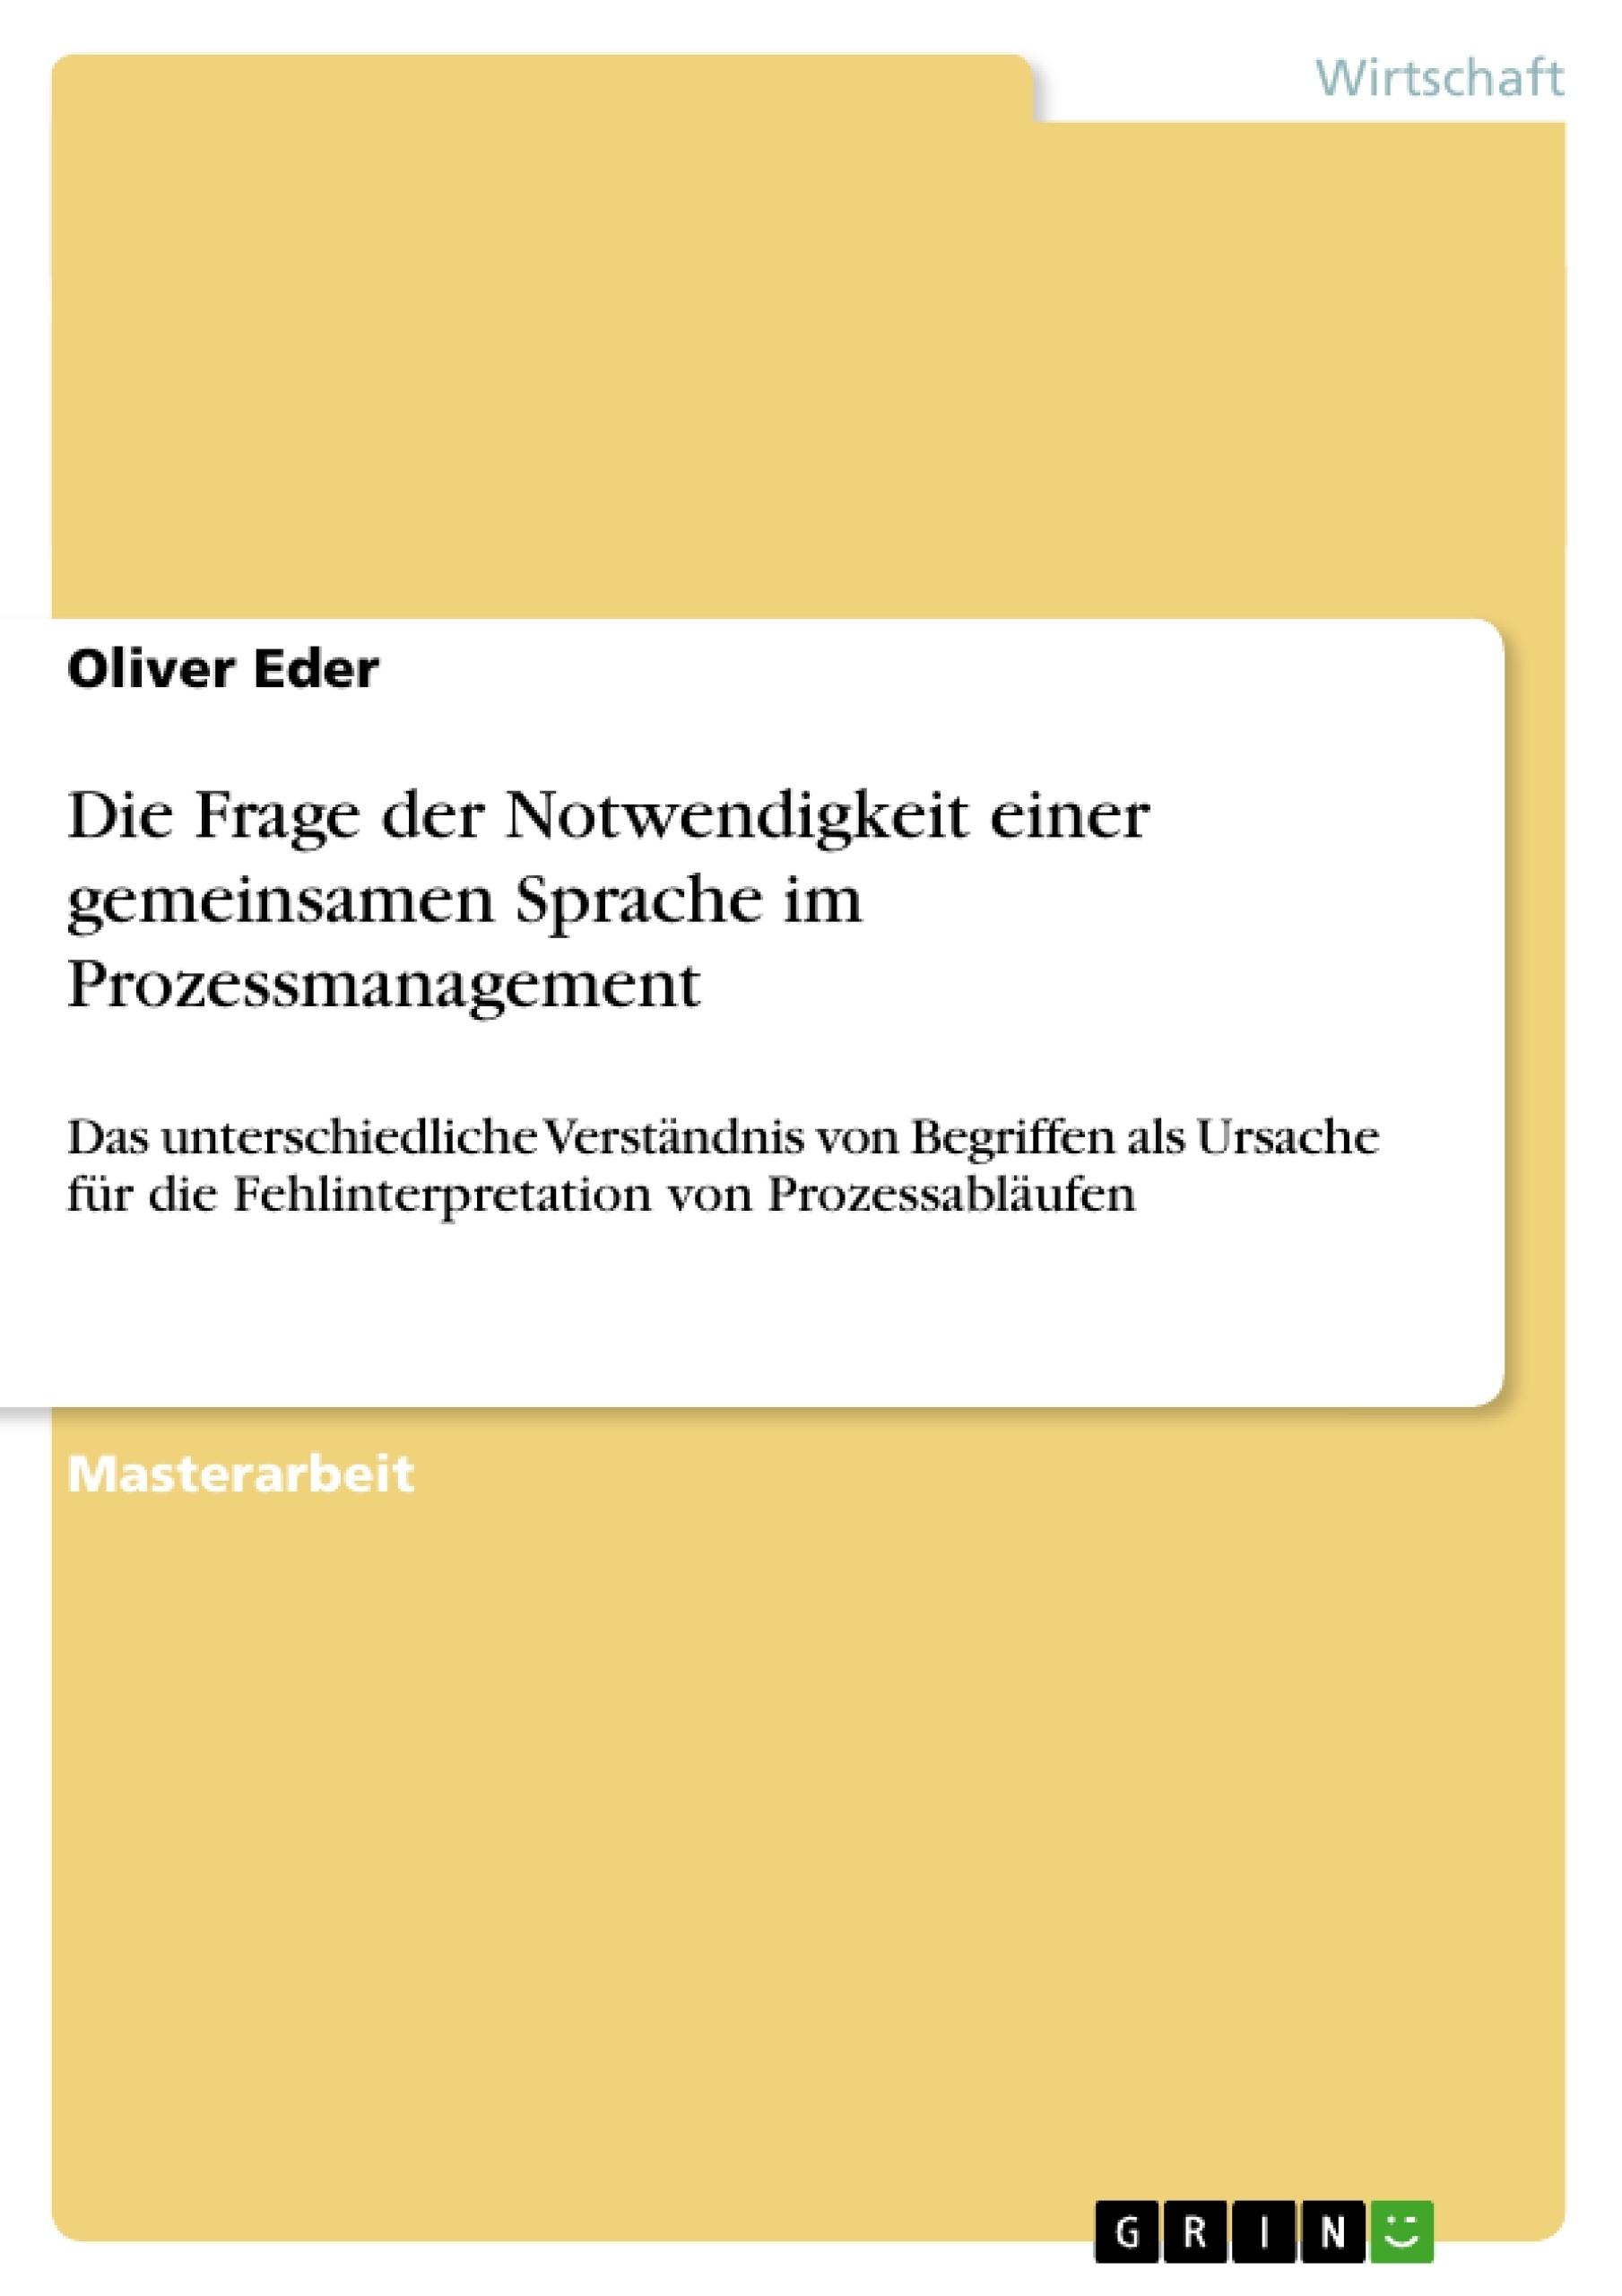 Titel: Die Frage der Notwendigkeit einer gemeinsamen Sprache im Prozessmanagement